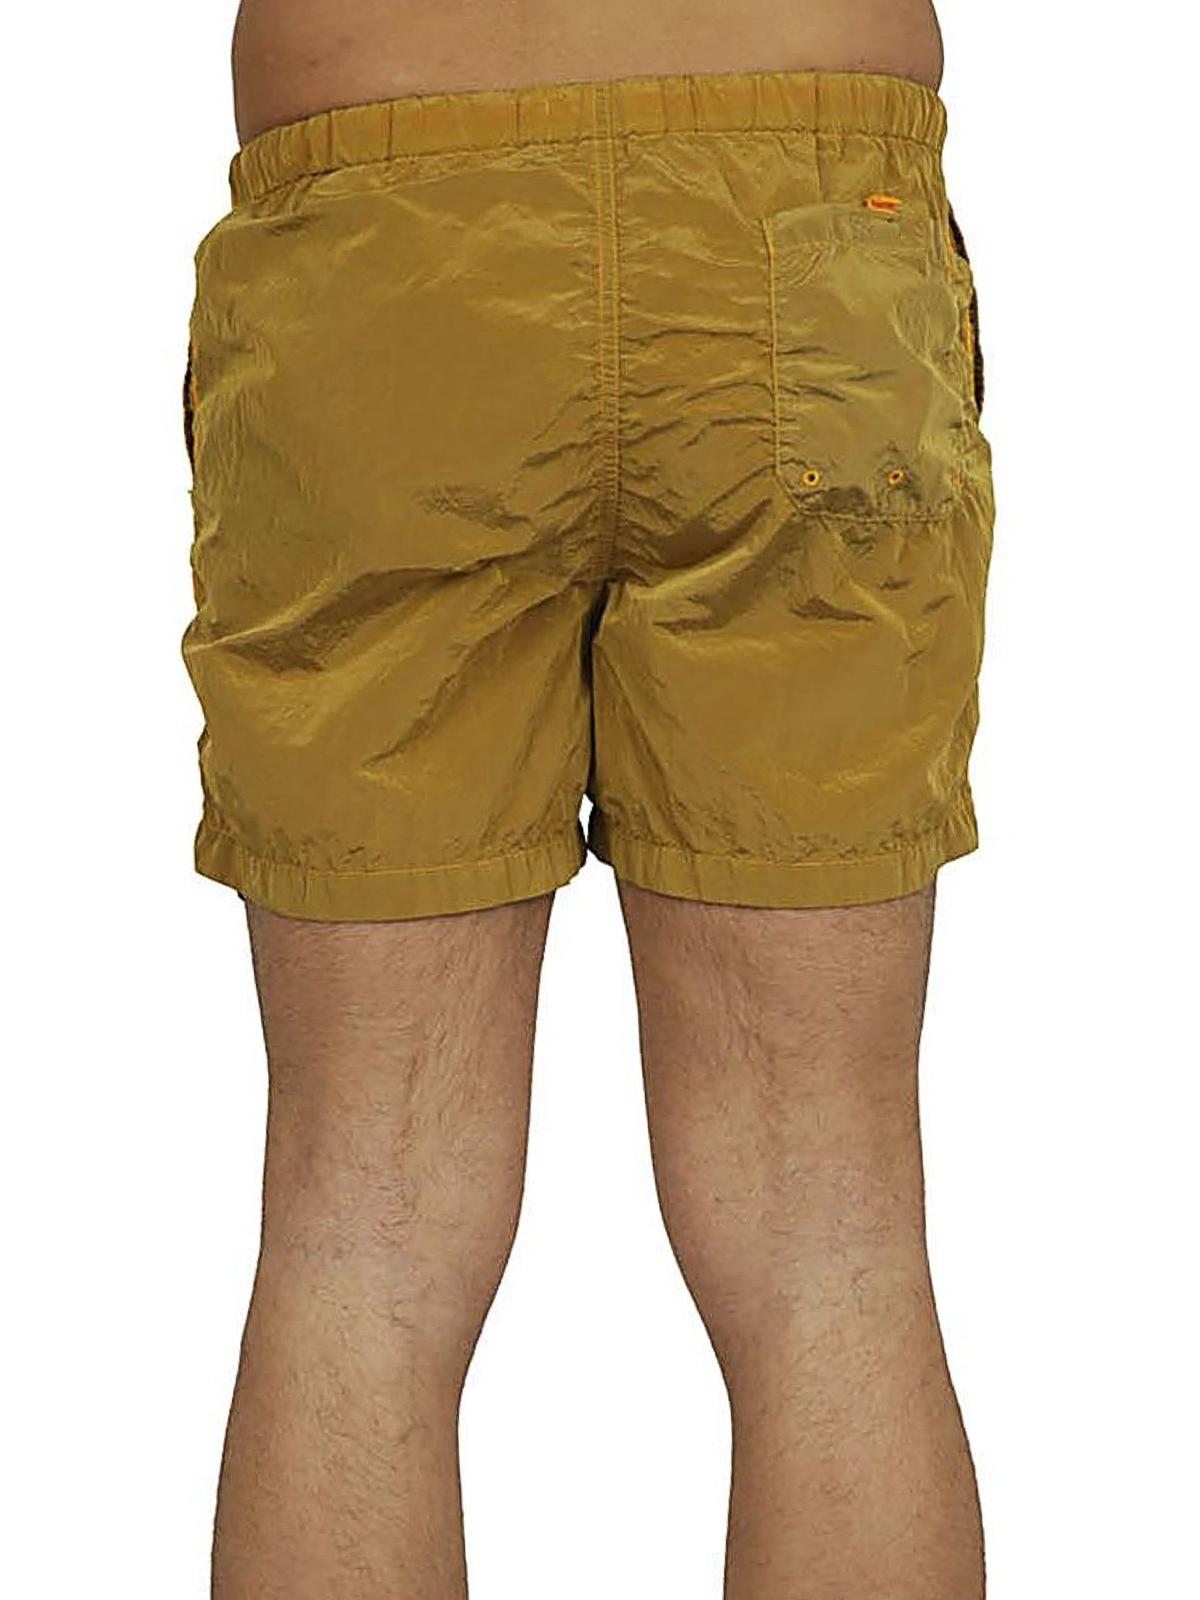 b2cc2e2e15c2 iKRIX STONE ISLAND  Swim shorts   swimming trunks - Nylon Metal yellow swim  shorts